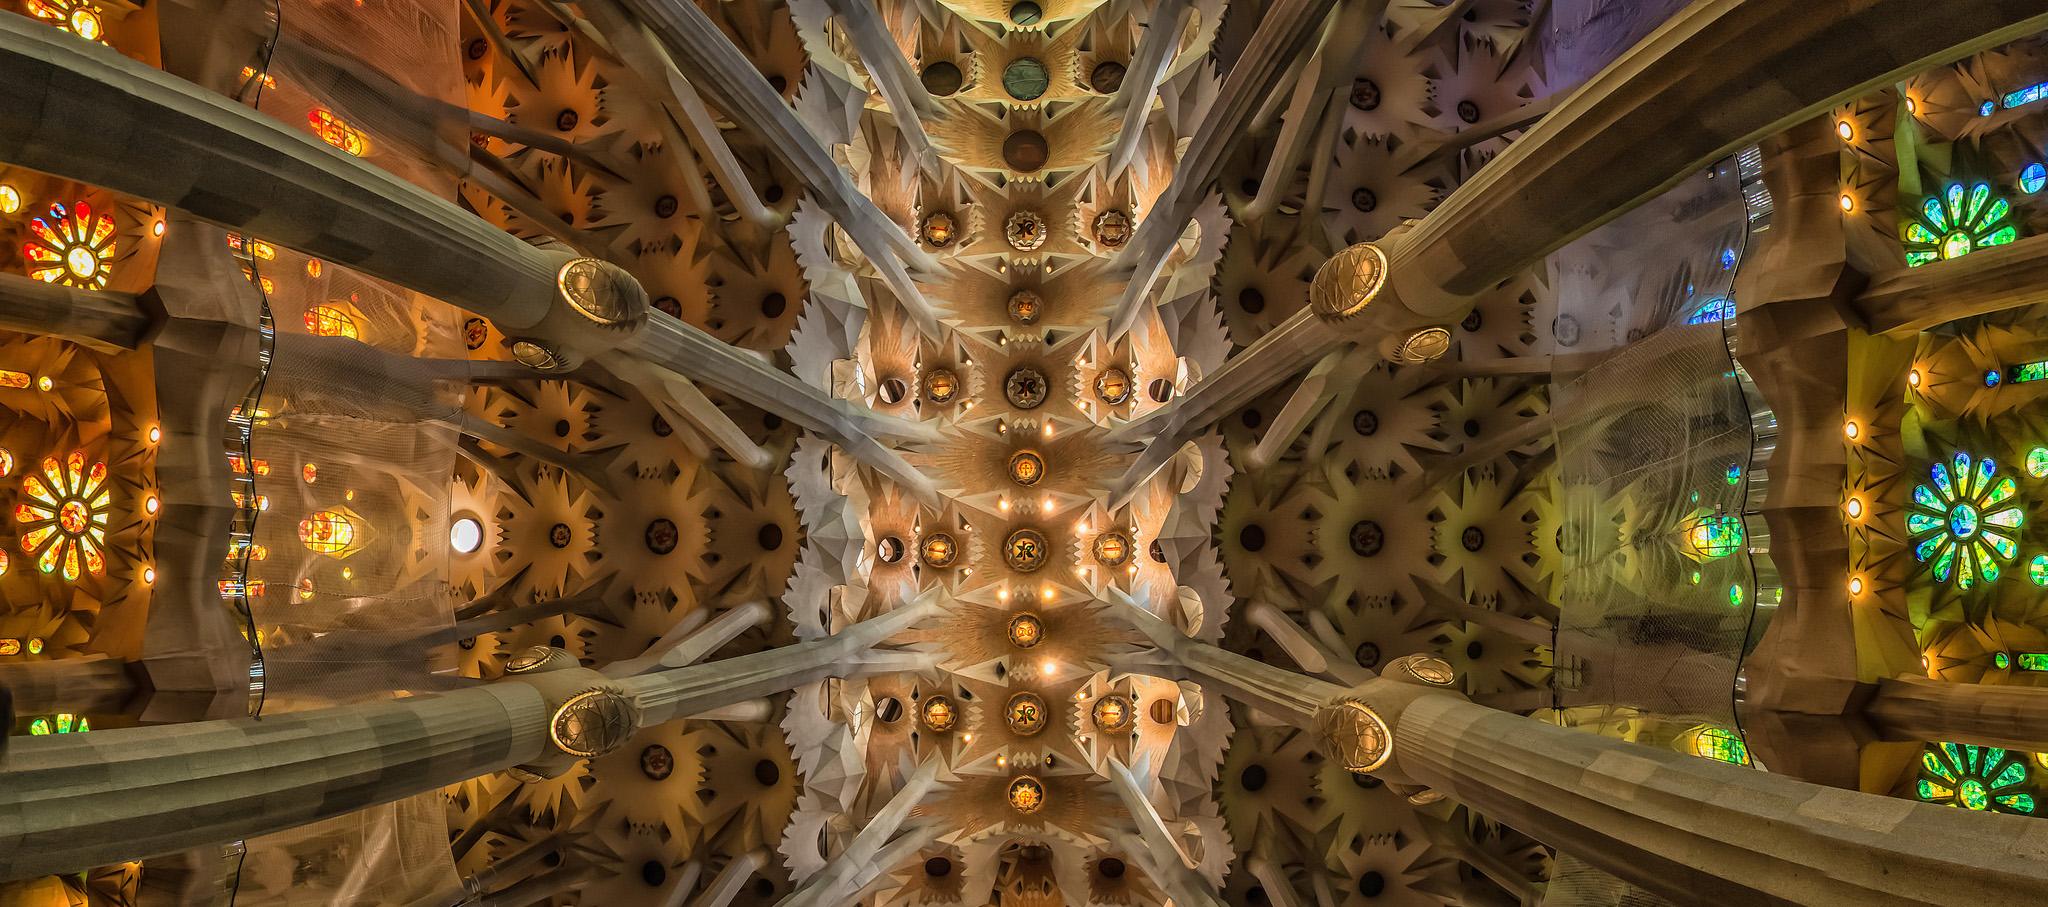 """Basílica de la """"La Sagrada Familia,"""" imagen vía Haschelsax / Flickr"""